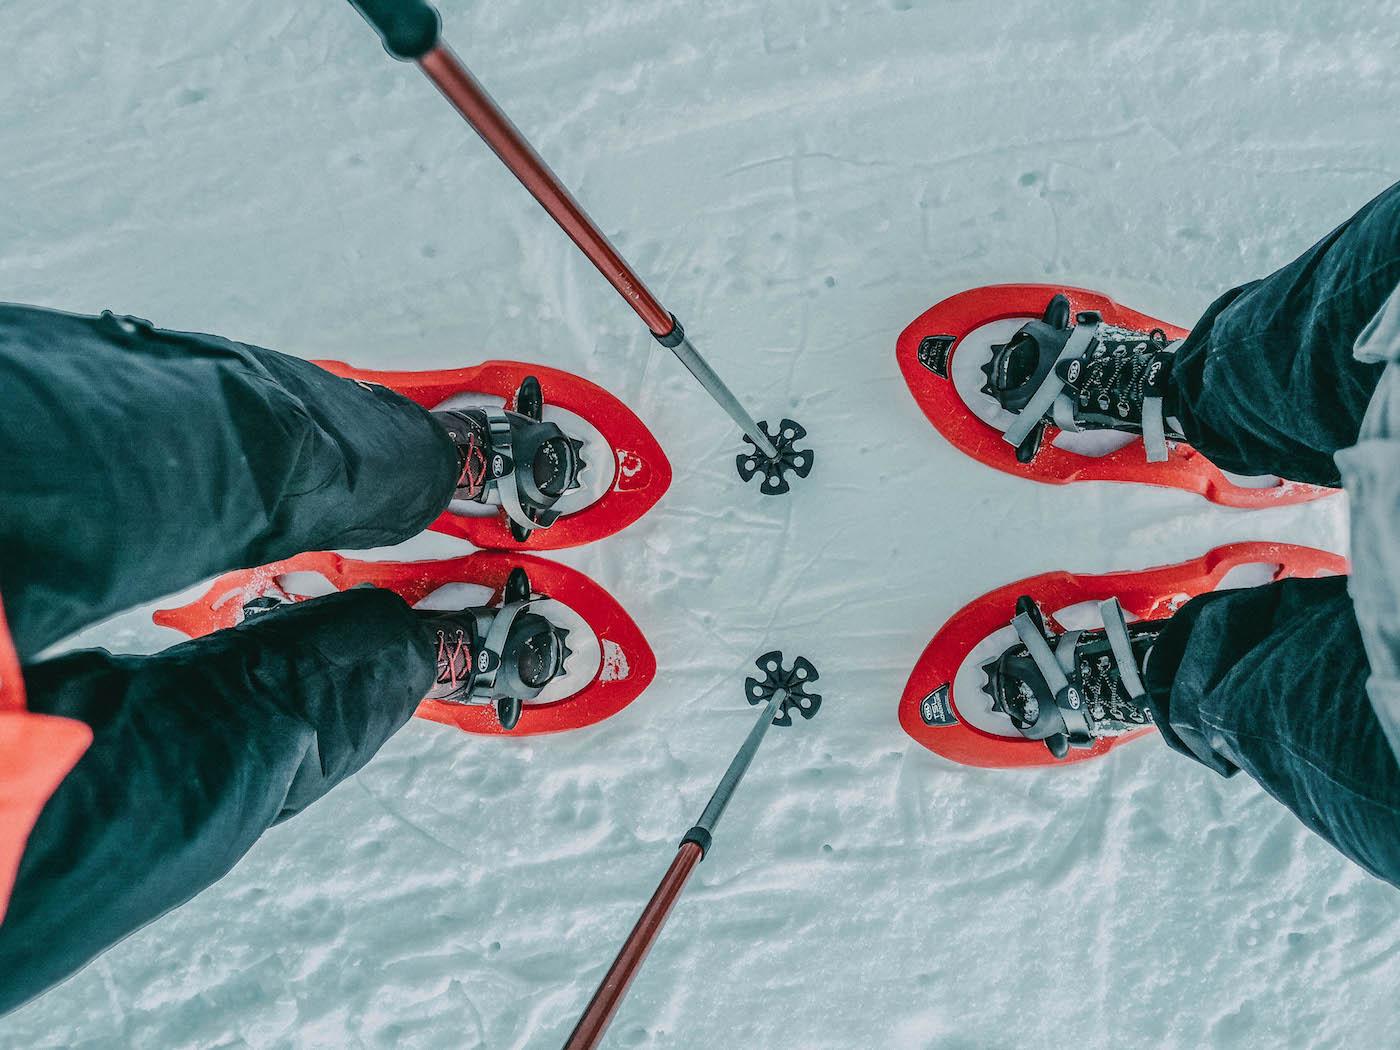 Mieminger Plateau Schneeschuhwandern Tirol